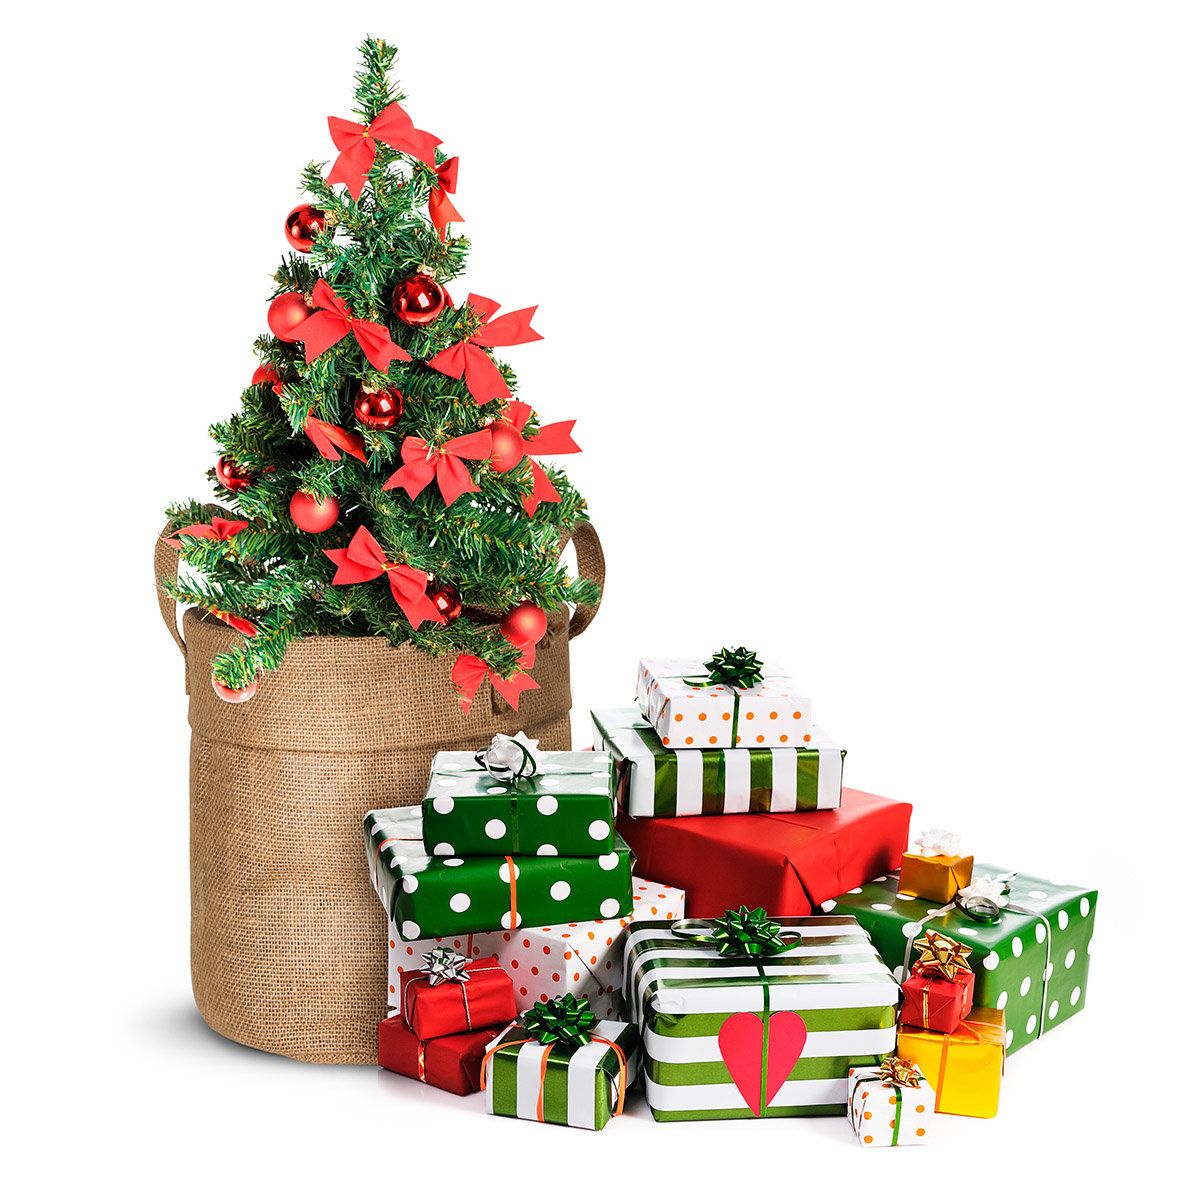 Weihnachtsbäumchen im Jute-Anzuchtbeutel, inkl. 6 Liter Erde und Weihnachtskarte | #4